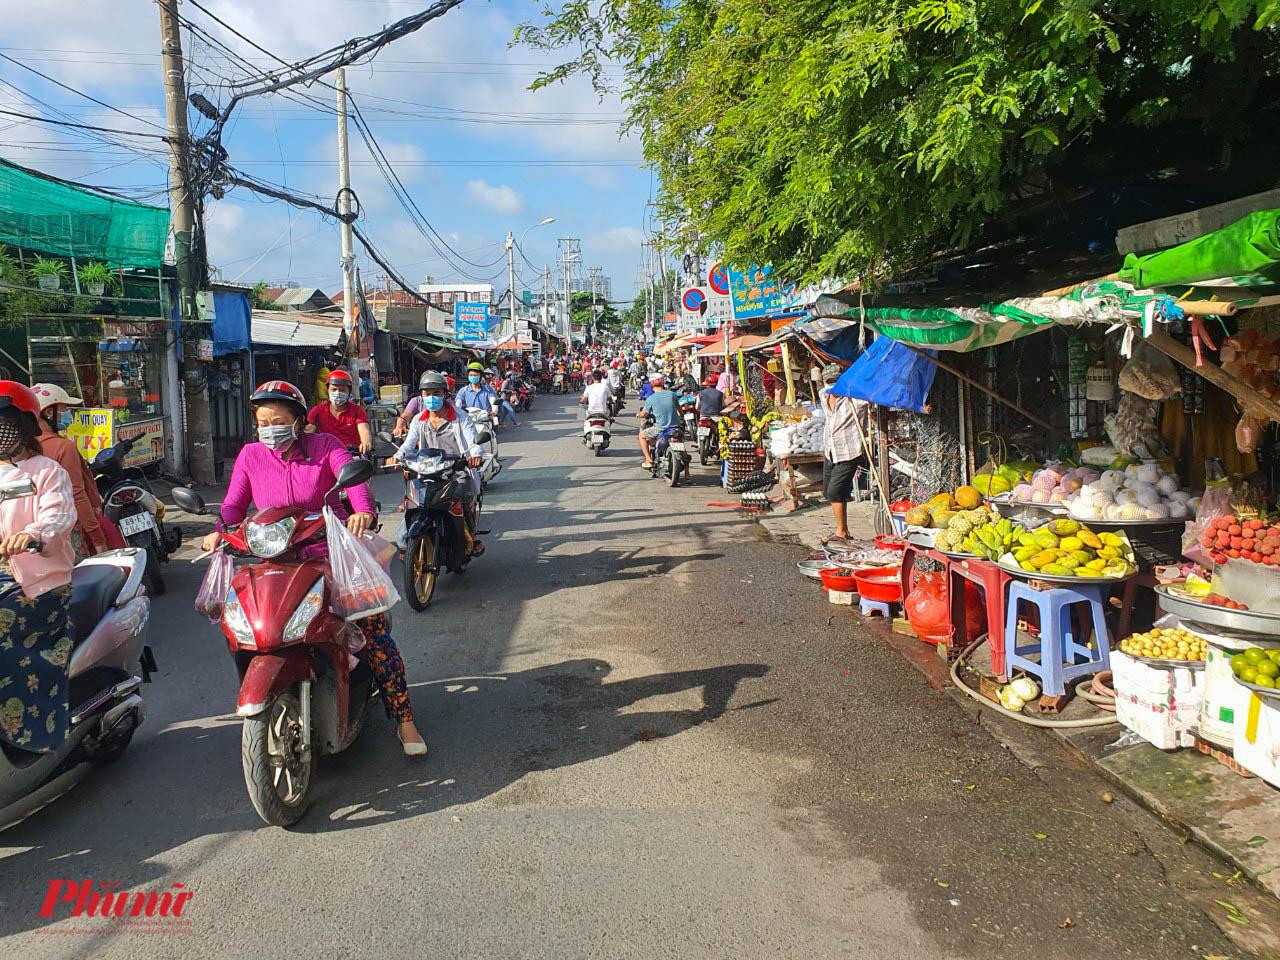 Các chợ nhỏ, dọc theo đường An Dương Vương, hướng về đường Võ Văn Kiệt vẫn tấp nập mua bán